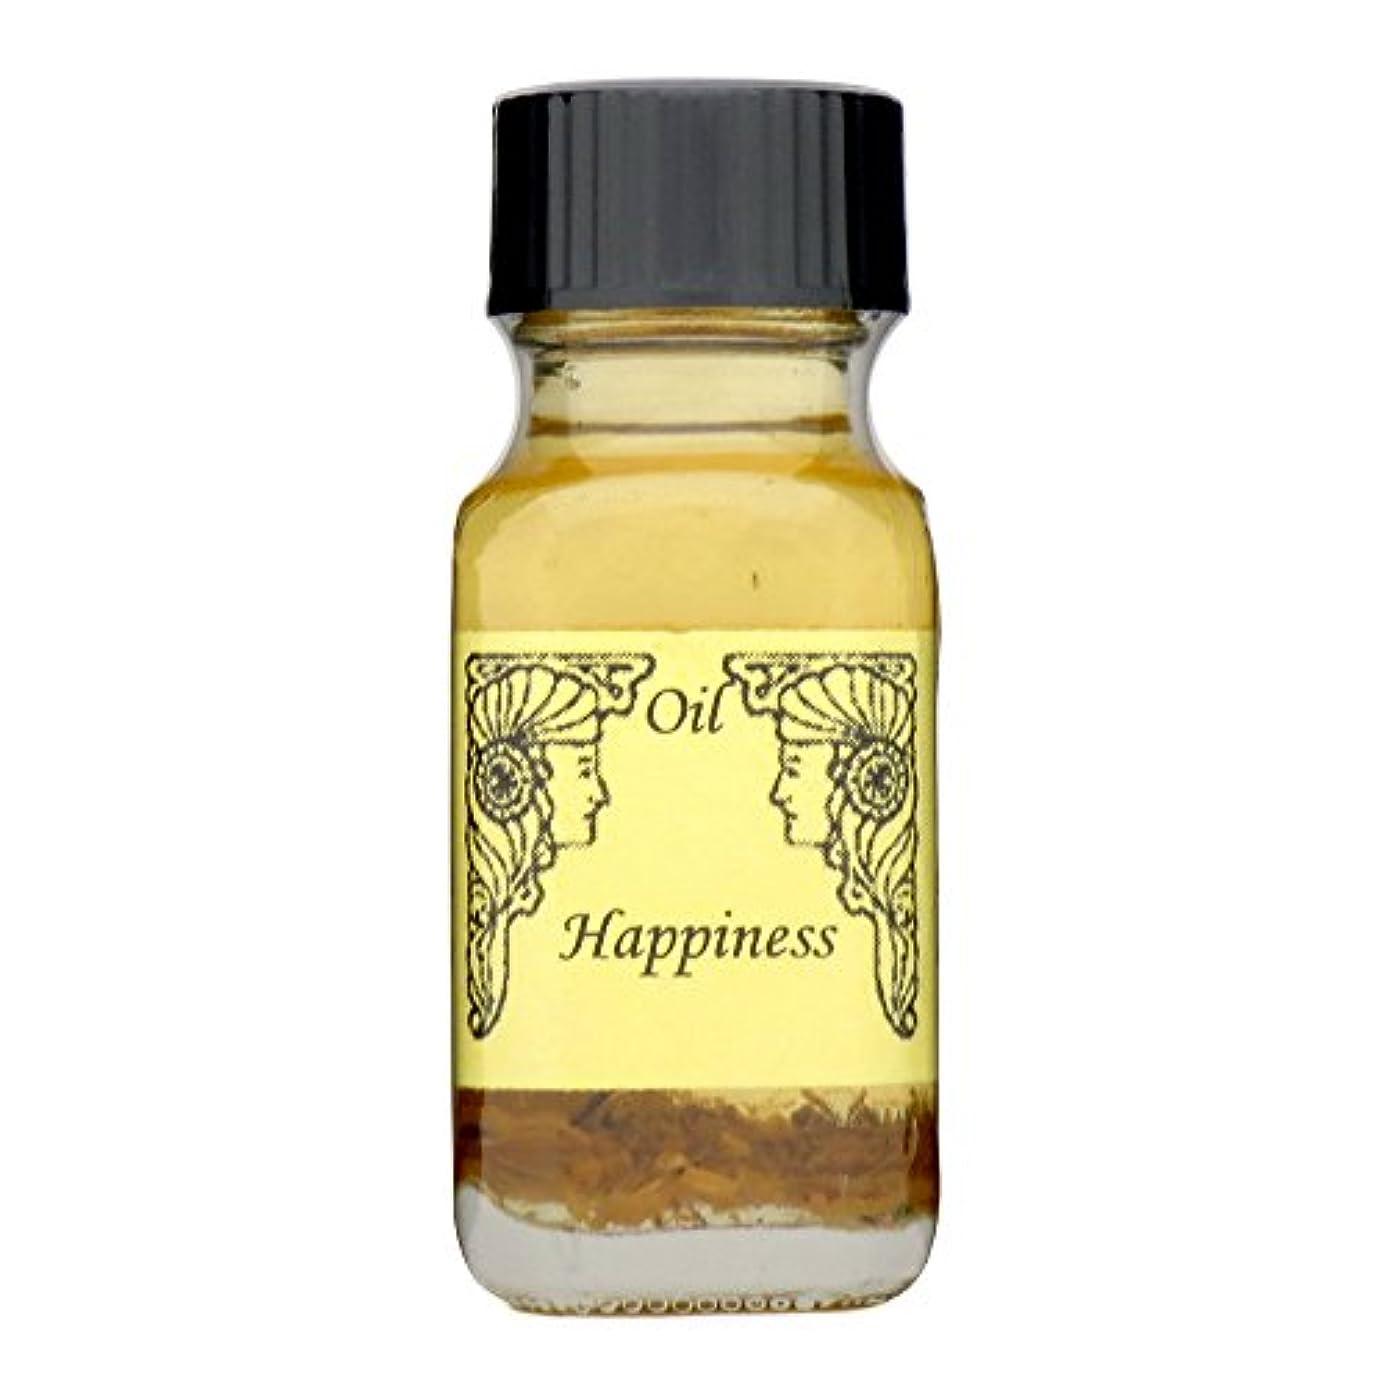 相対性理論博覧会控えめなアンシェントメモリーオイル ハピネス (幸福) 15ml (Ancient Memory Oils)